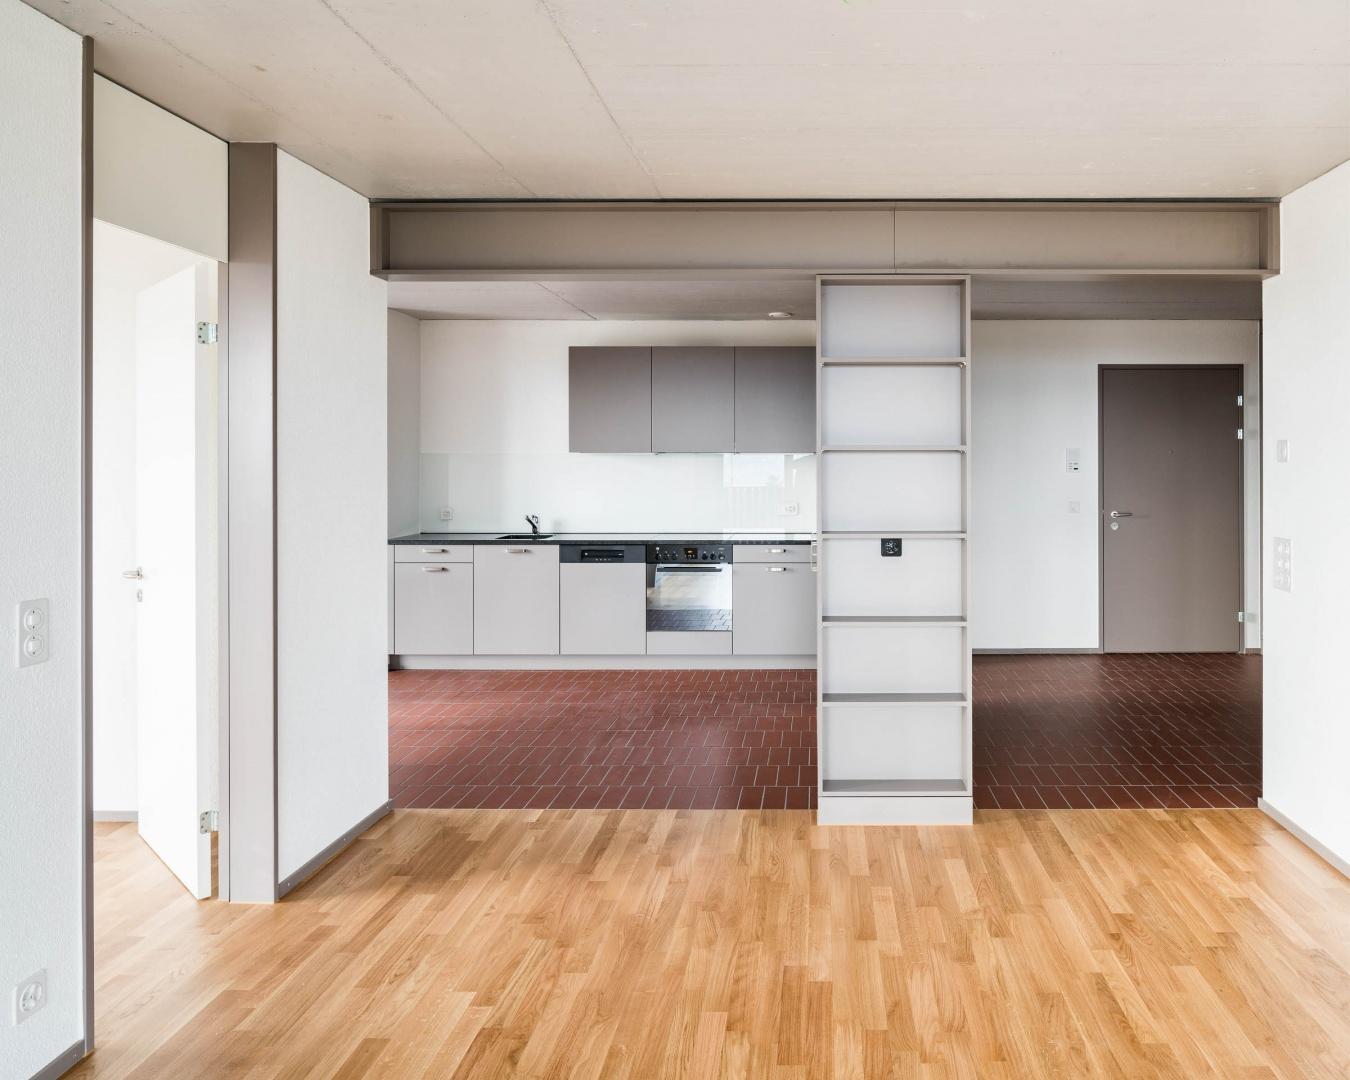 Wohnraum mit Küche © Foto: Roman Keller